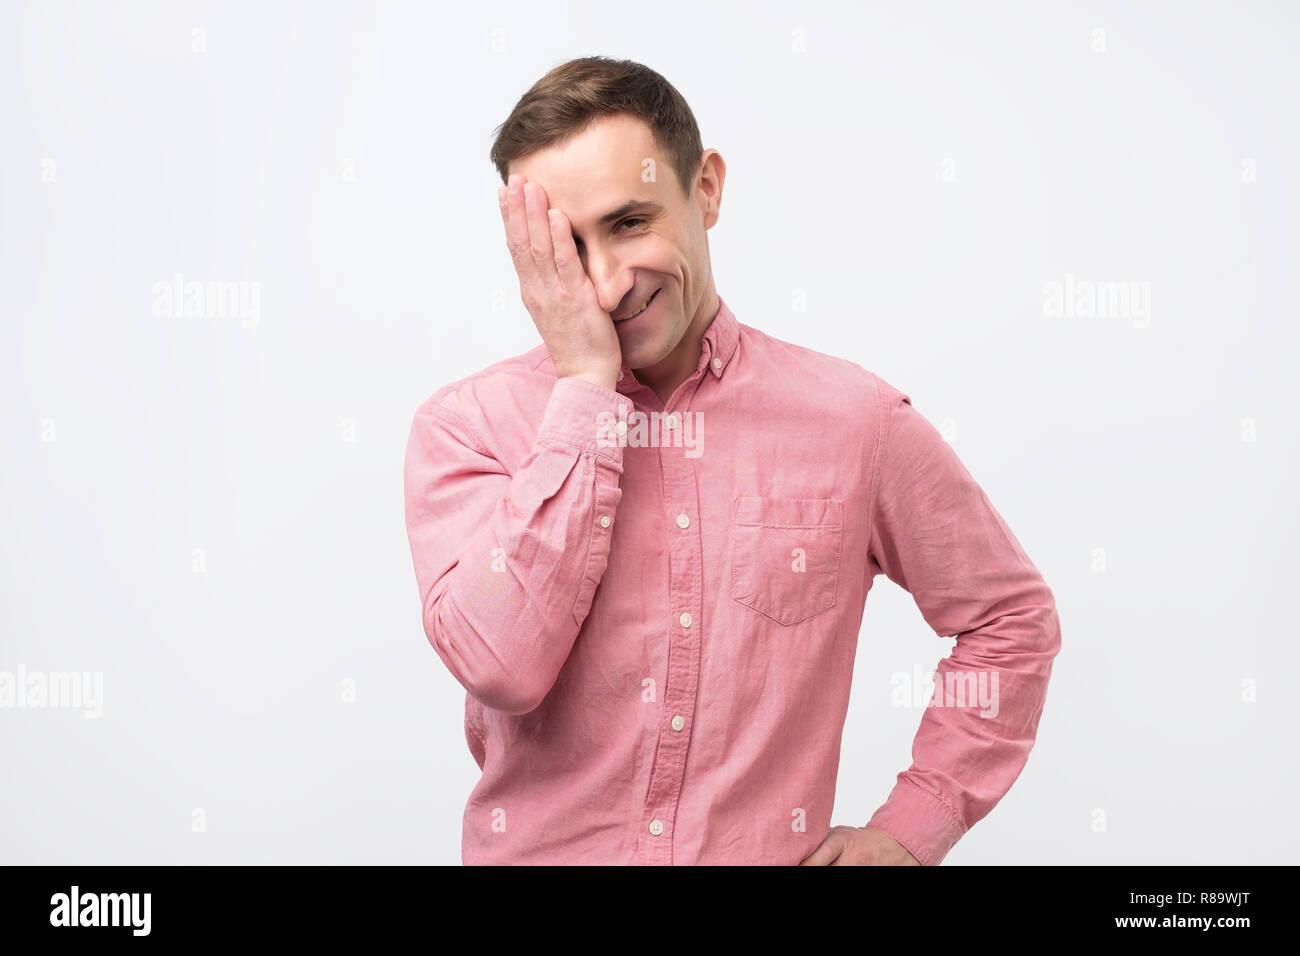 Hombre en camisa rosa mirando a la cámara con astucia divertida expresión, cerrando su boca. Imagen De Stock